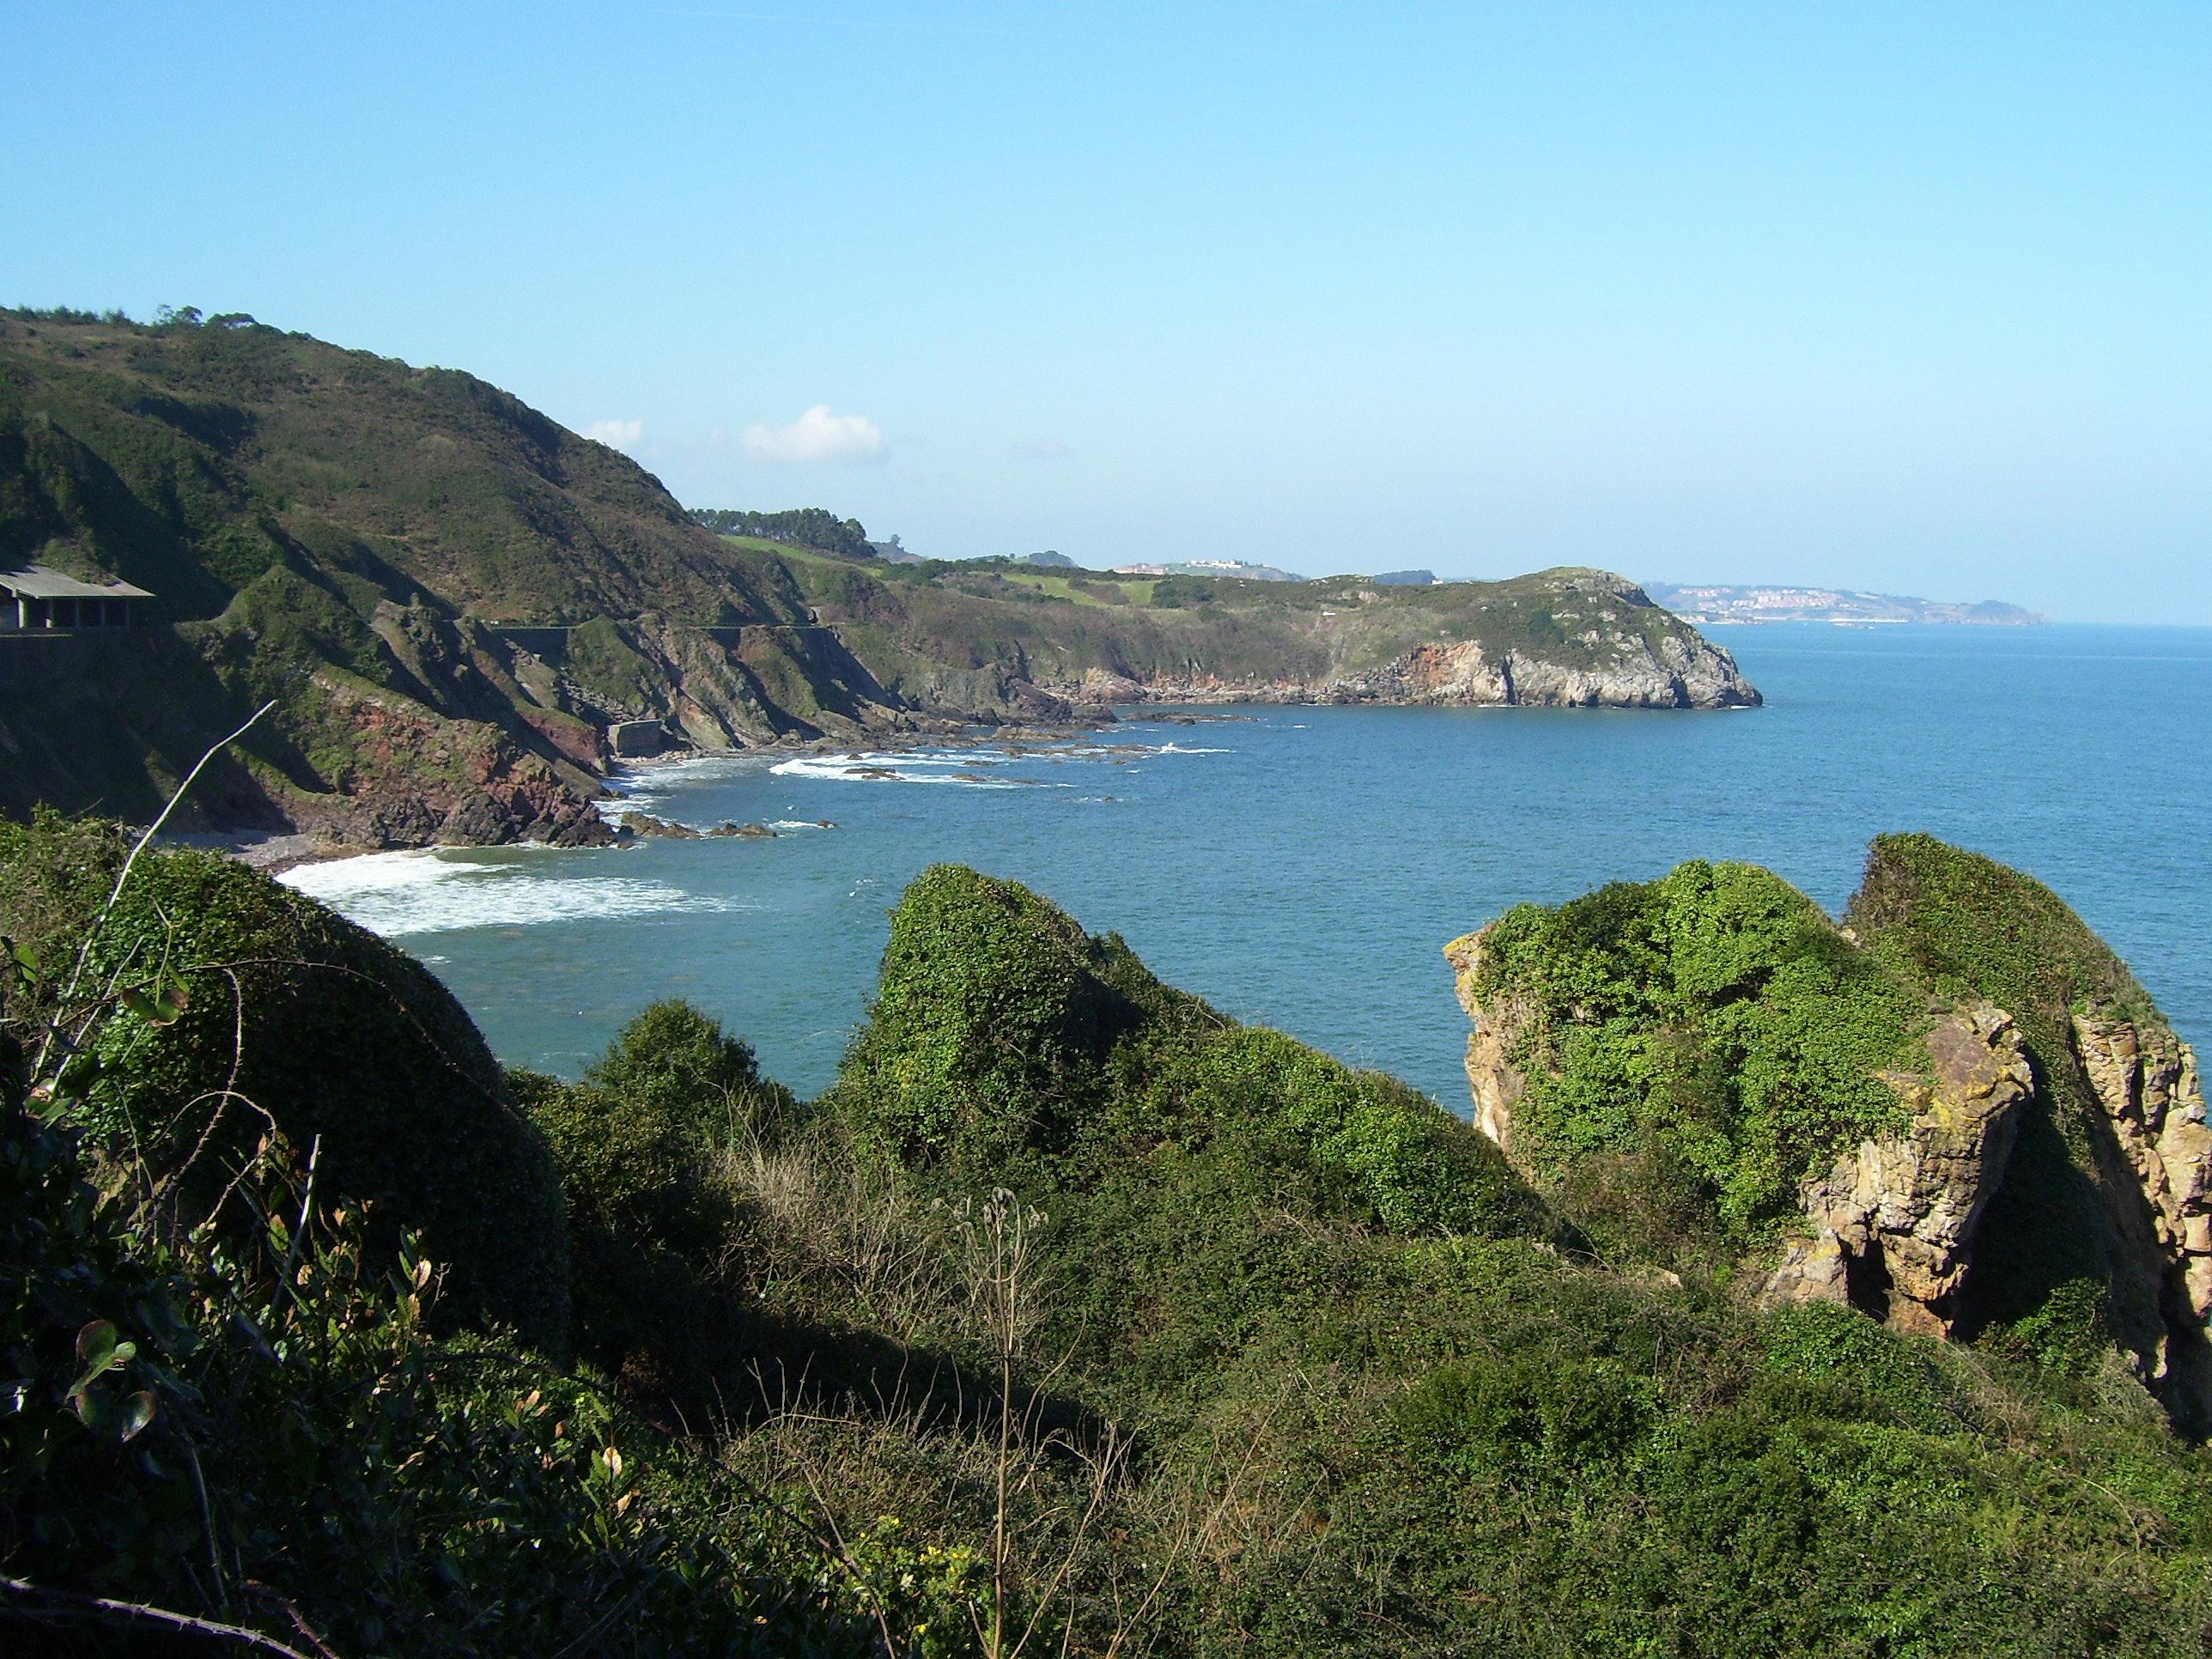 Playa Borna